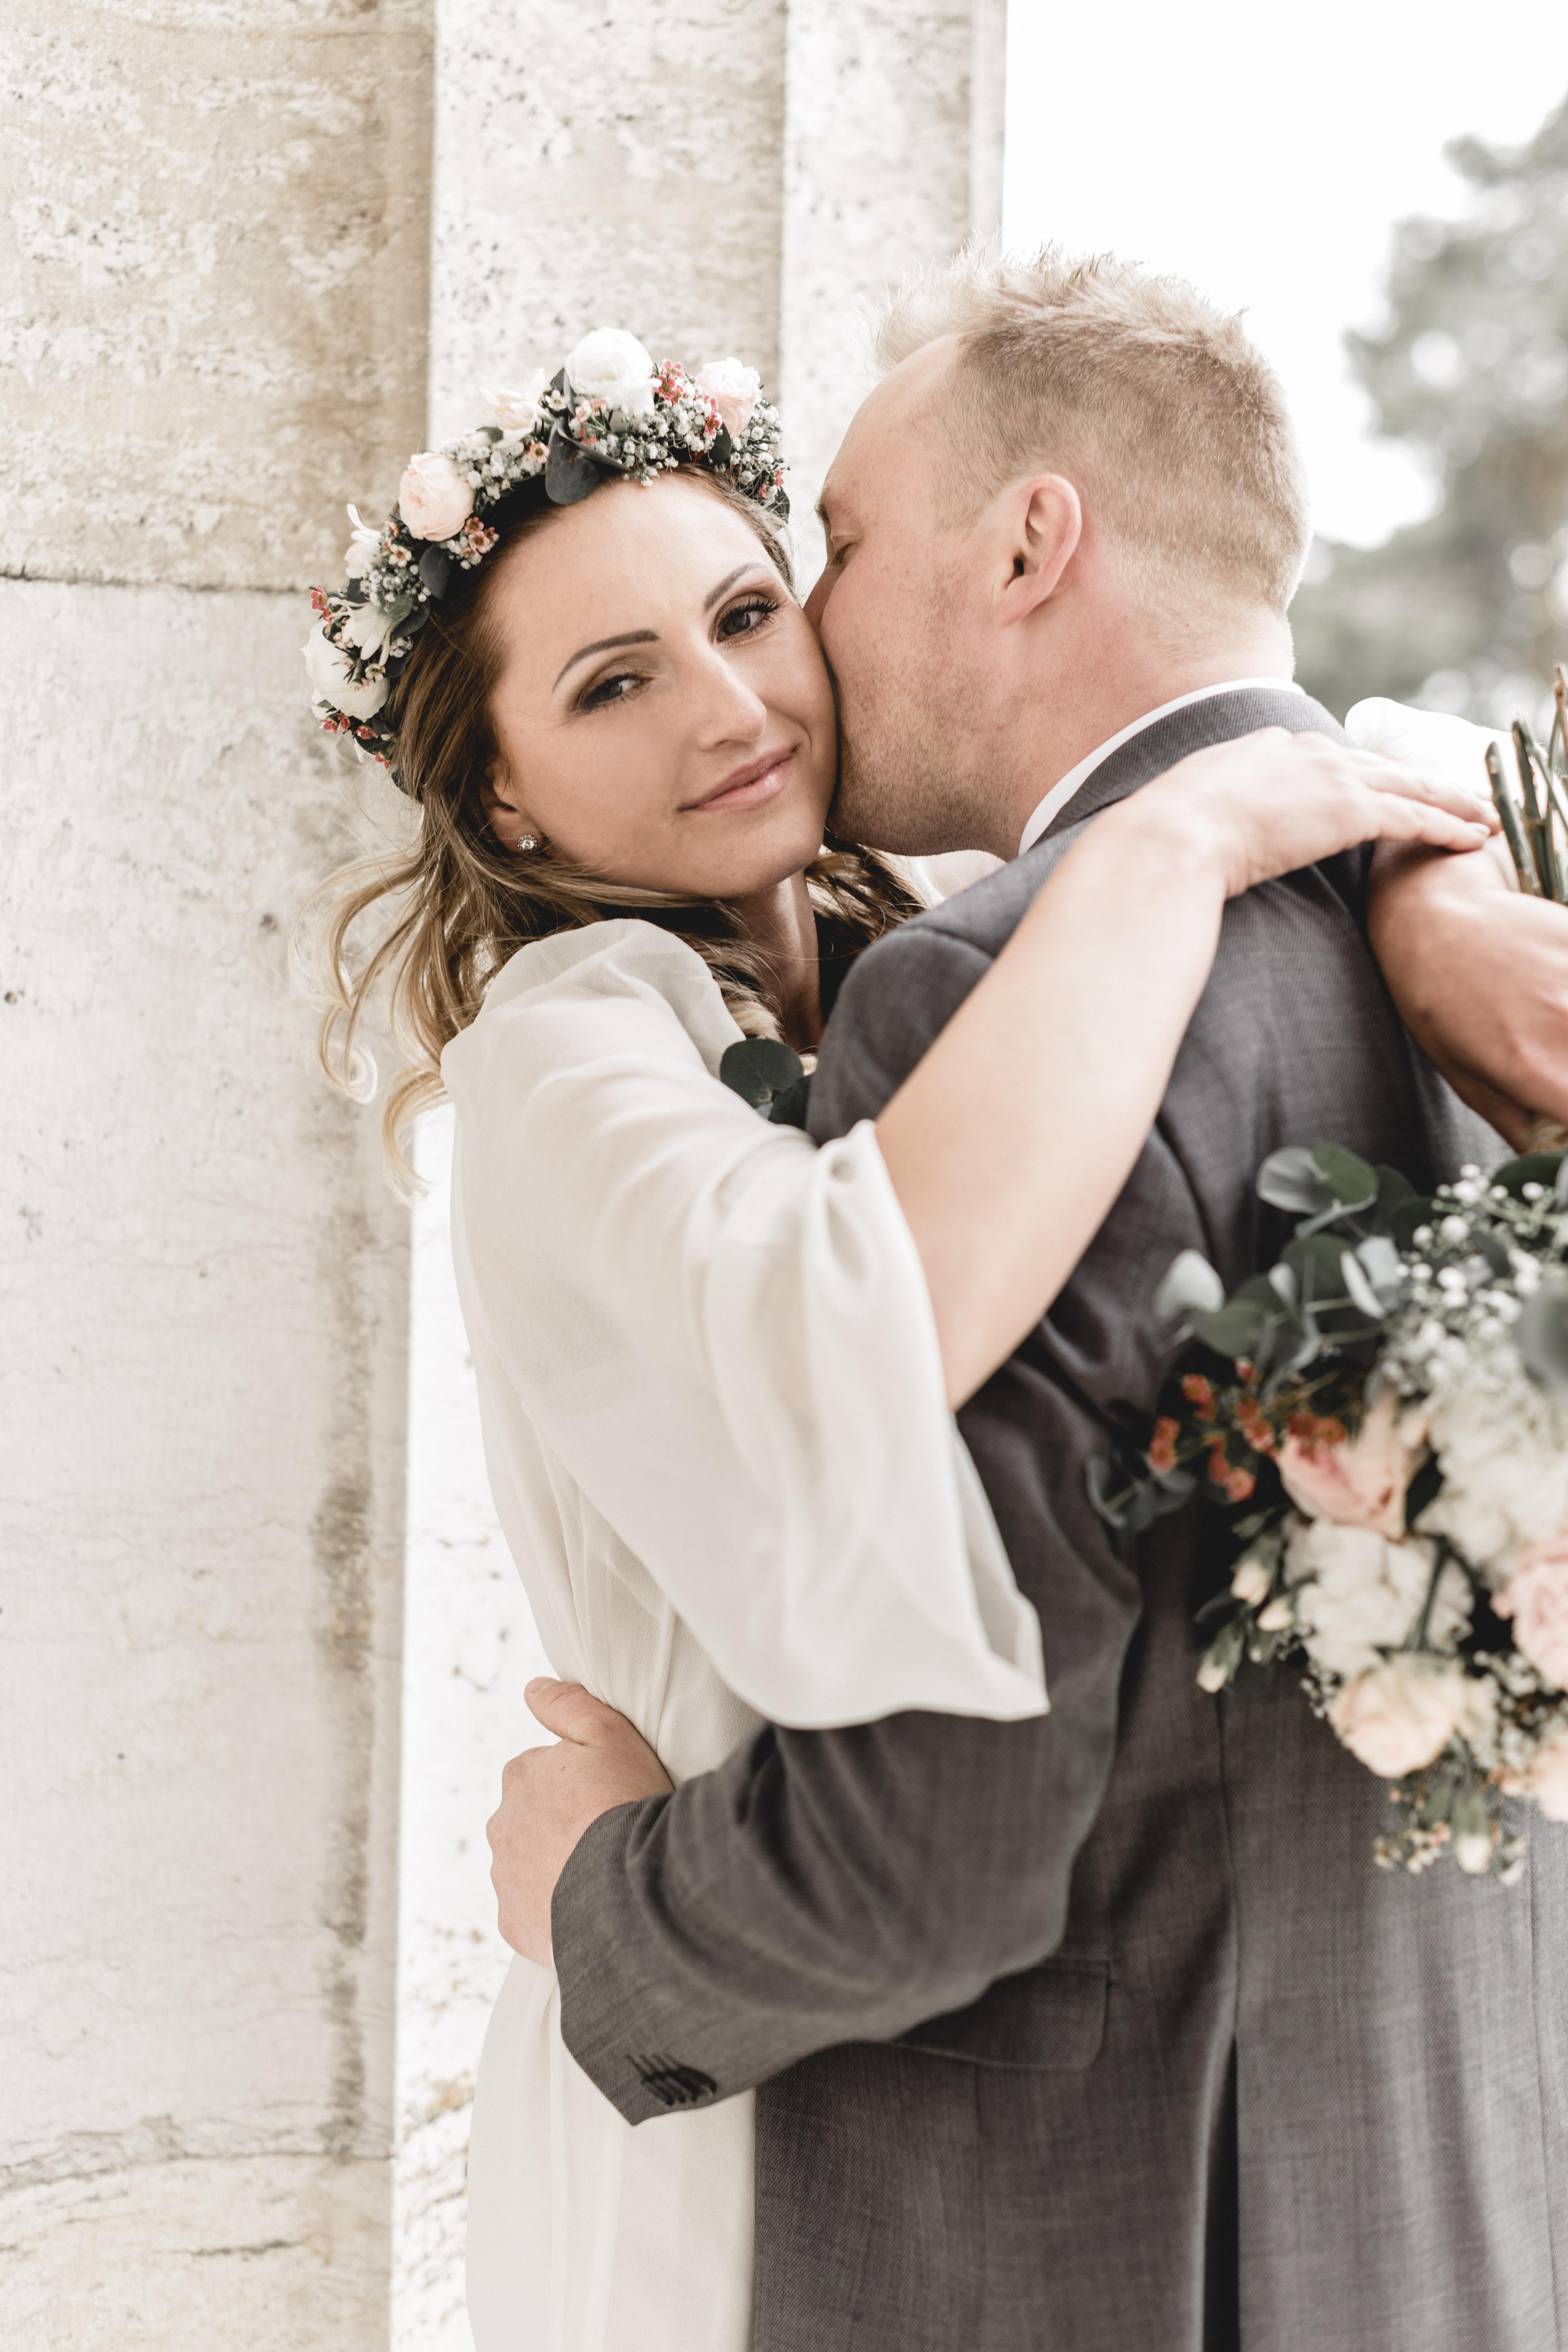 Hochzeiten Pärchenfotos Anna Gross Fotografie